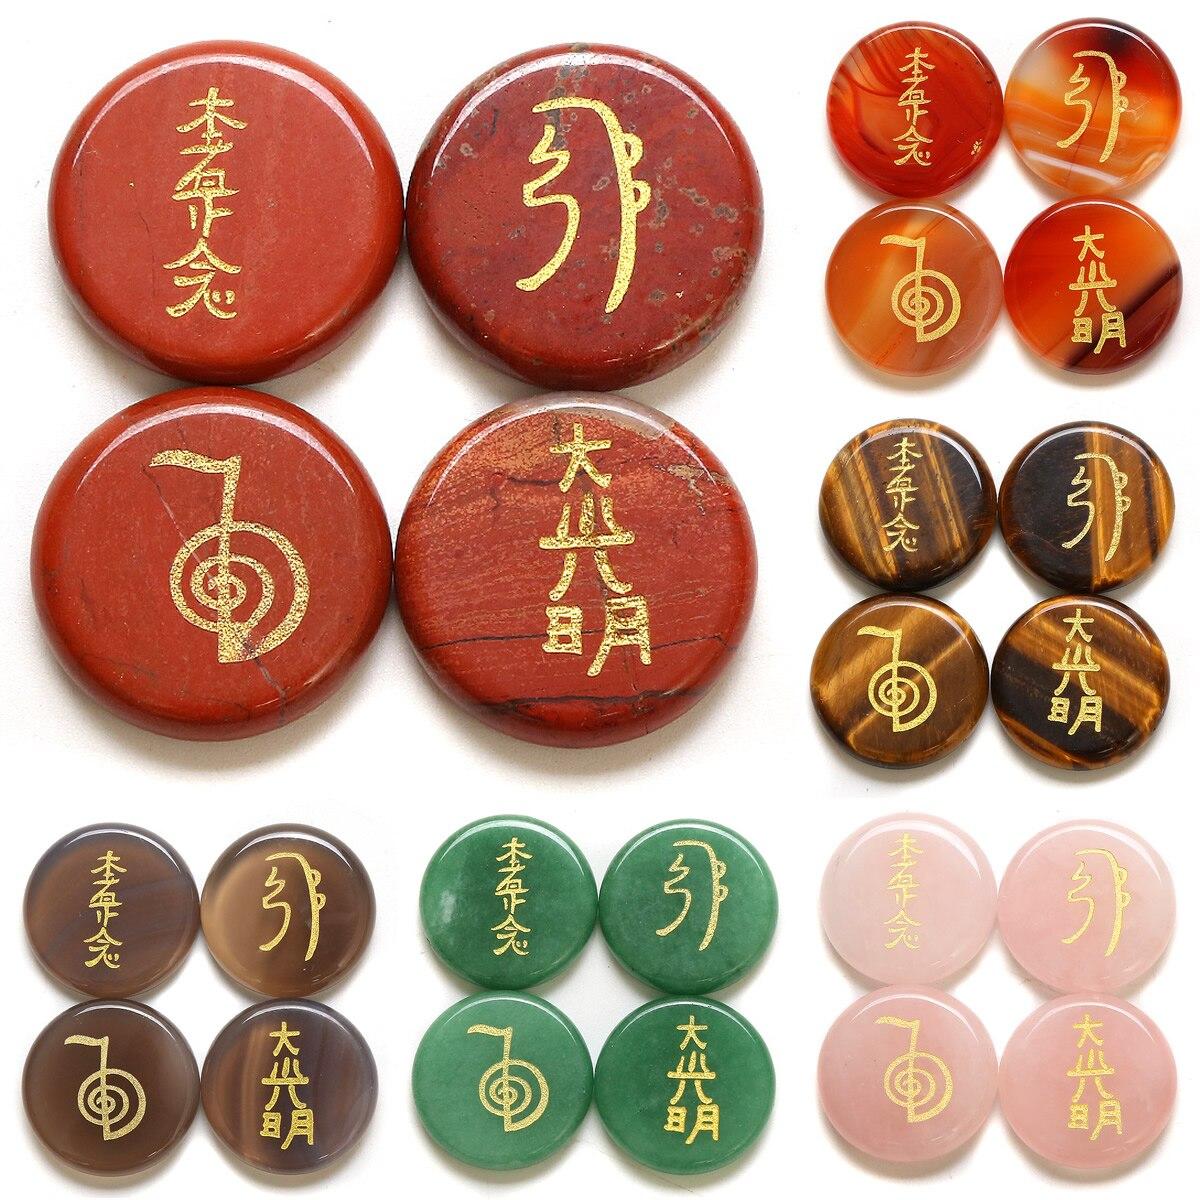 4 unids/pack 5x25mm moda Natural de piedra Semi-preciosa piedra de Sanación Reiki símbolos de la religión 11 colores cuatro Reiki símbolos No agujero